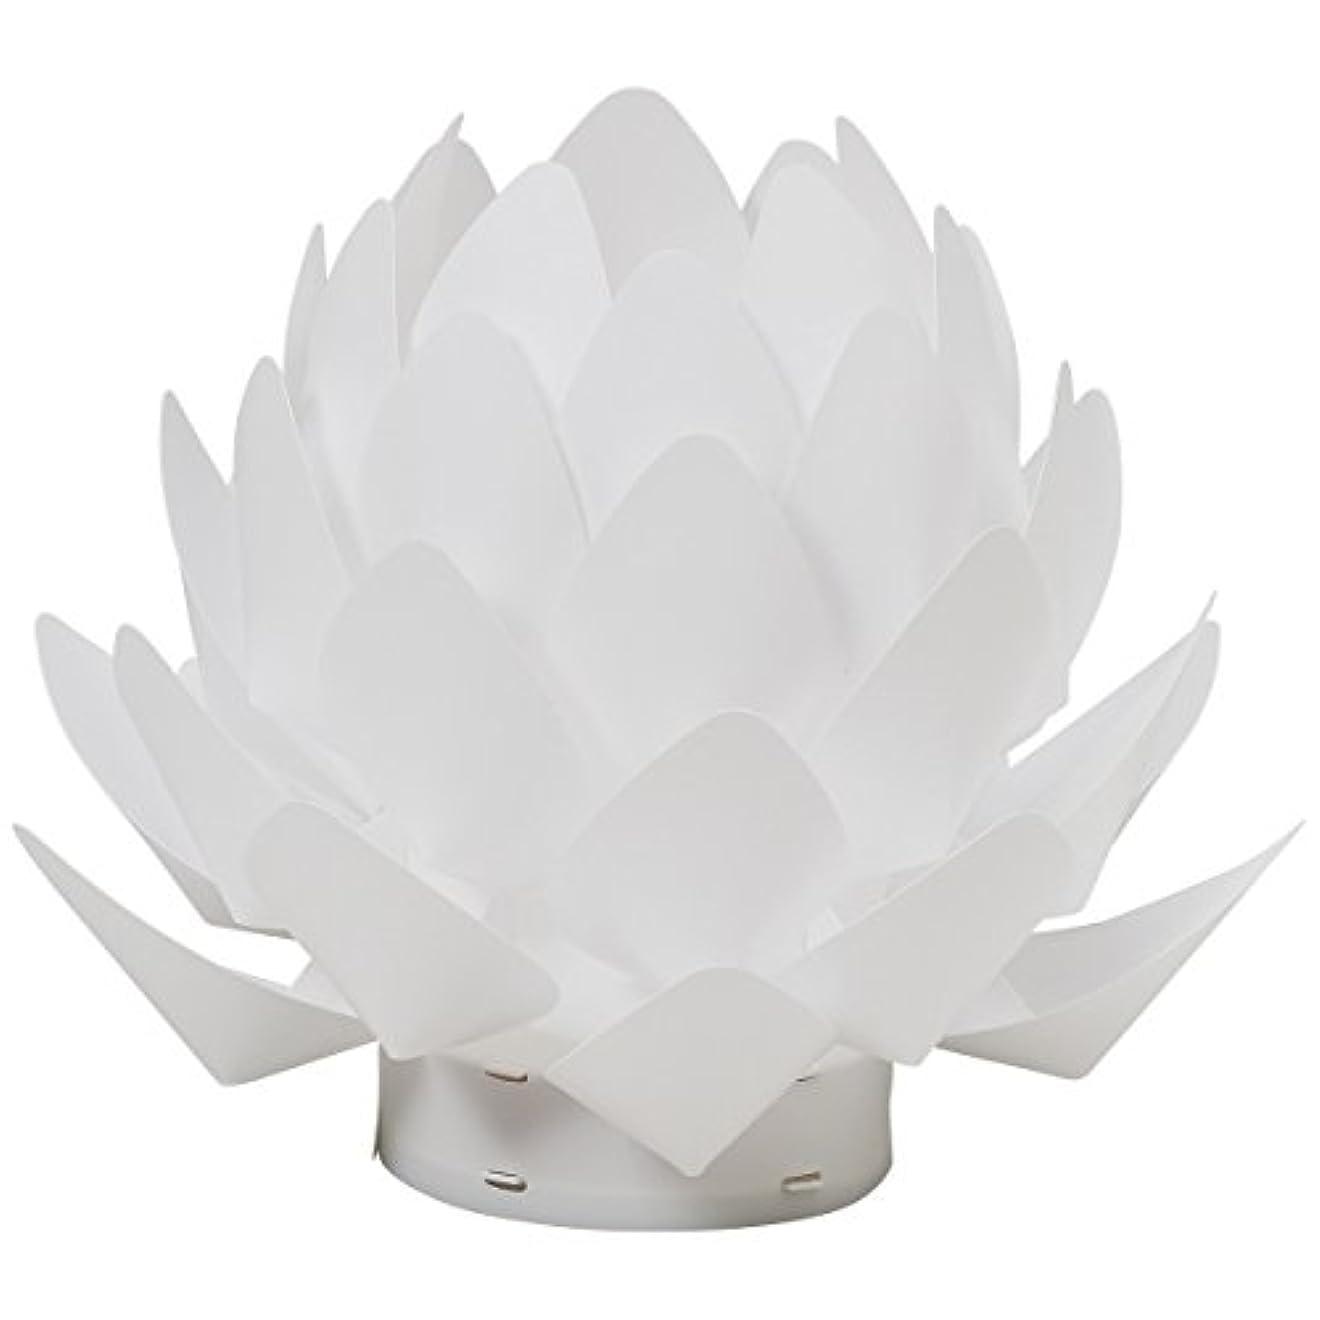 財布処理するそれにもかかわらずカメヤマ 盆提灯 Origami-lite 蓮花 XS (間接照明)